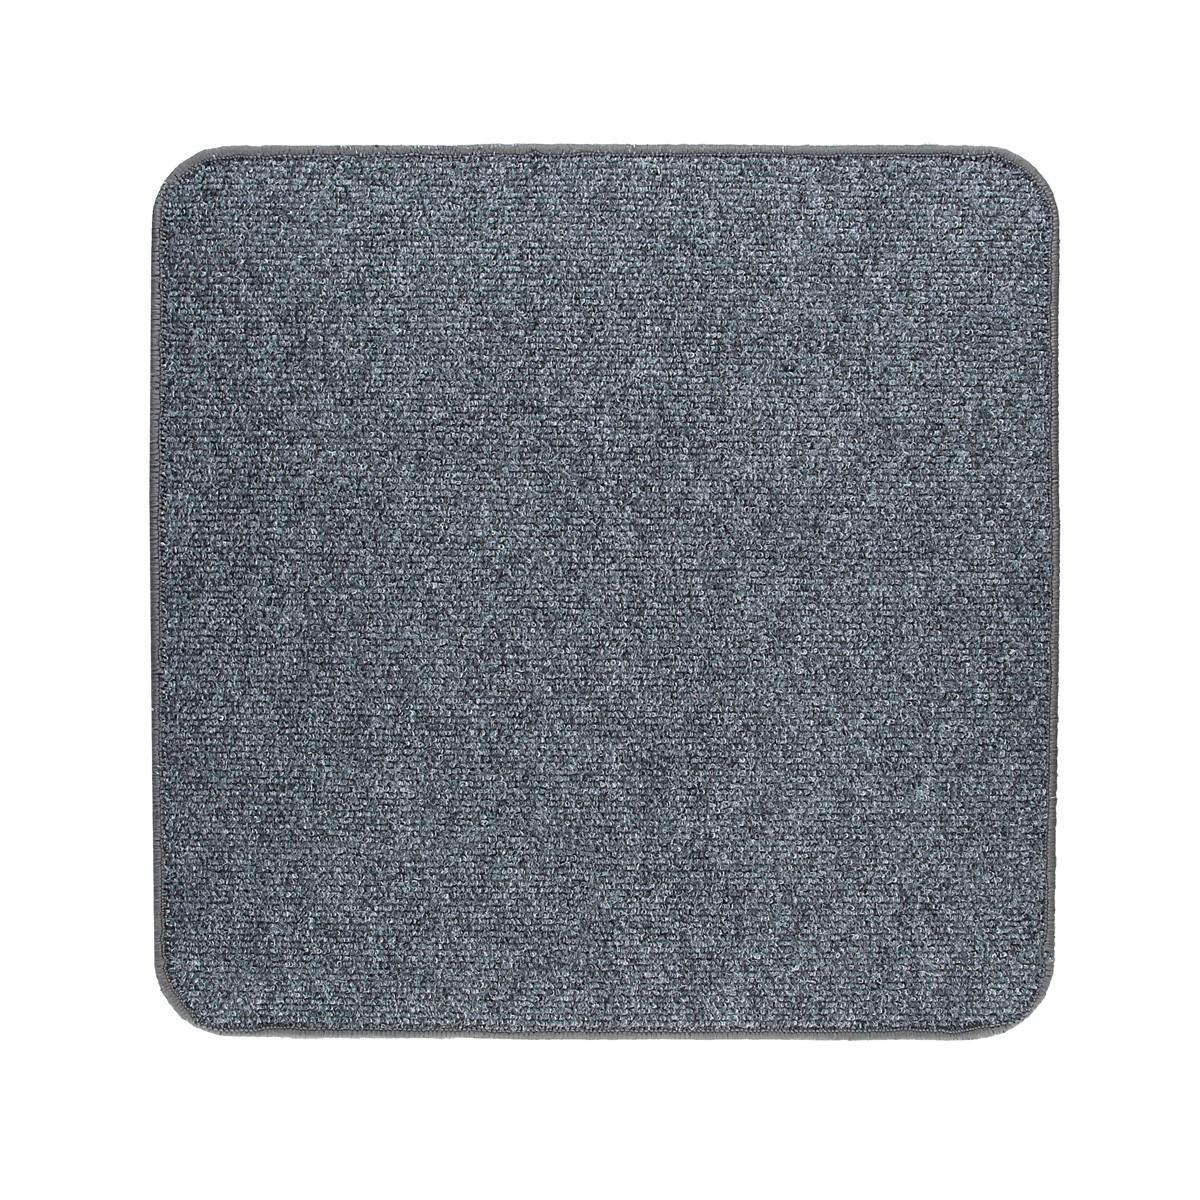 Електричний килимок з підігрівом Теплик з термоізоляцією 100 х 100 см Темно-сірий